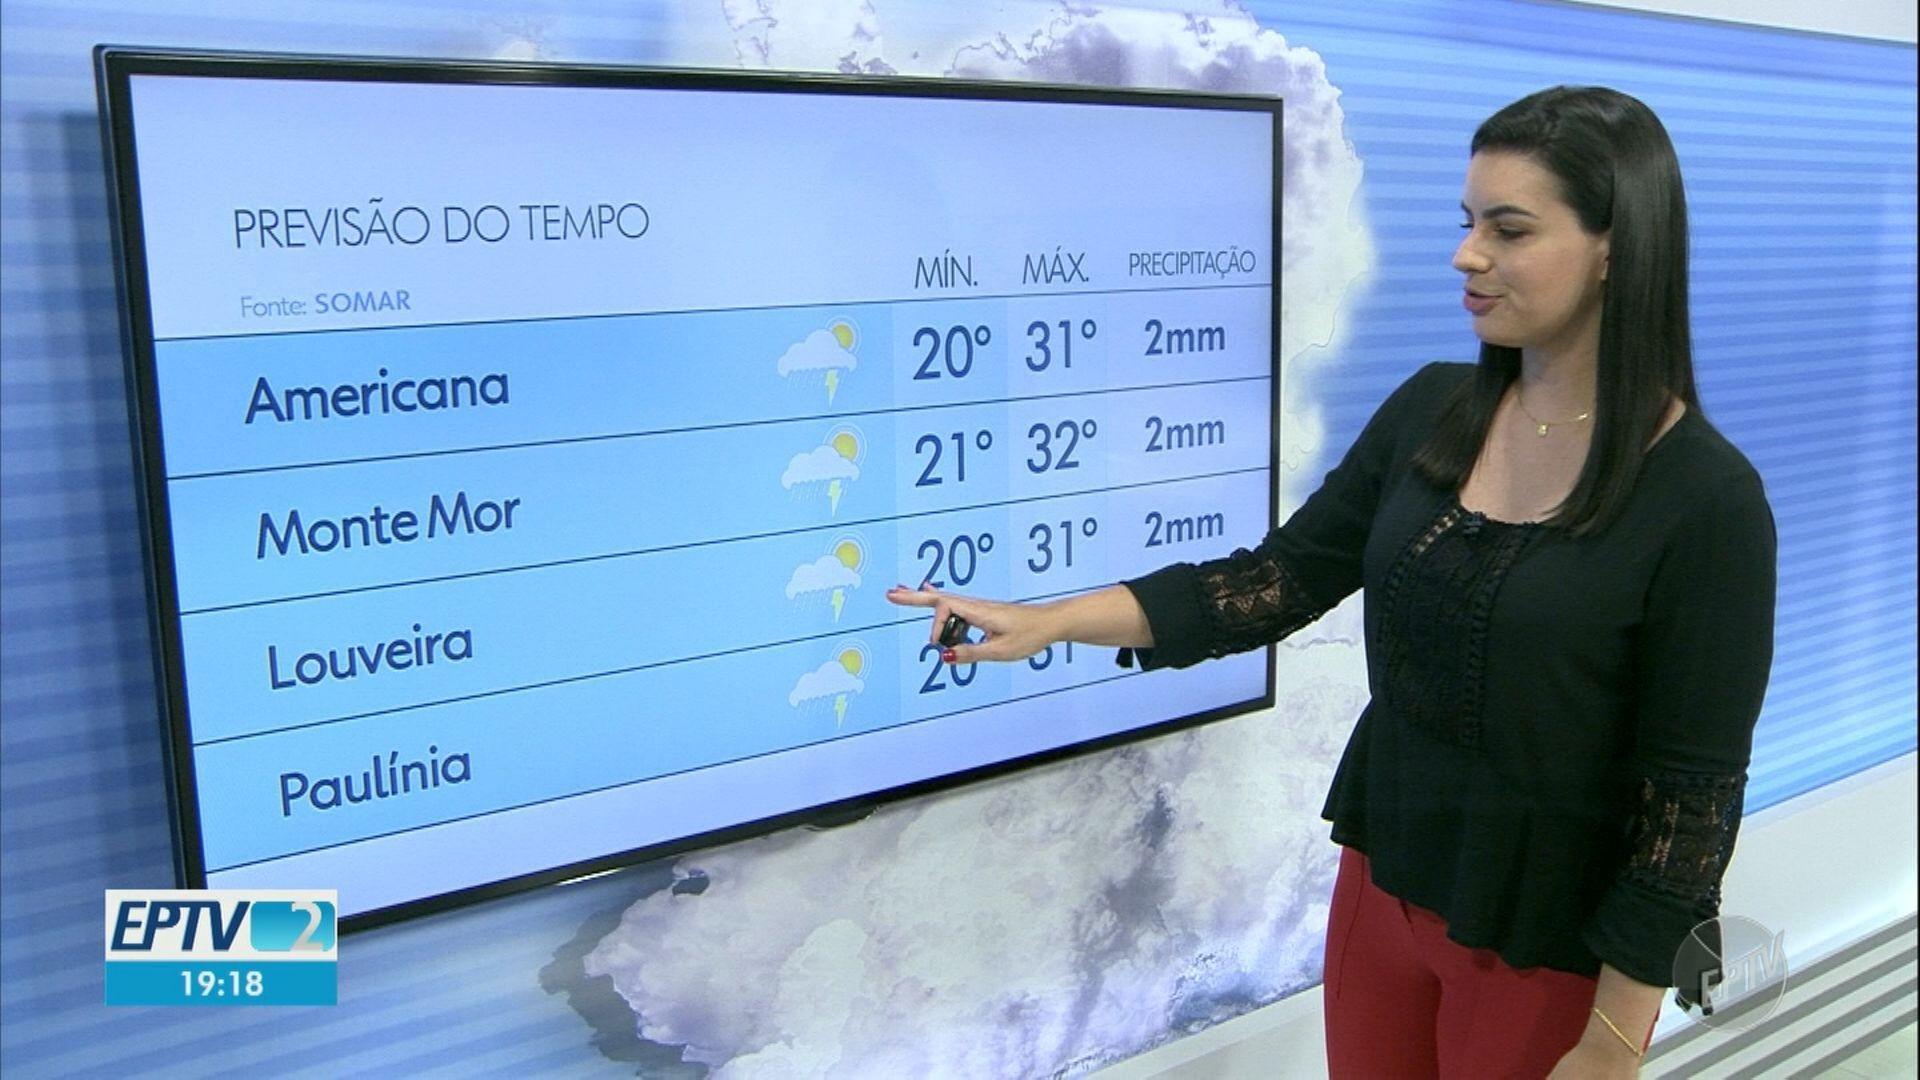 VÍDEOS: EPTV 2 região de Campinas desta terça-feira, 19 de janeiro